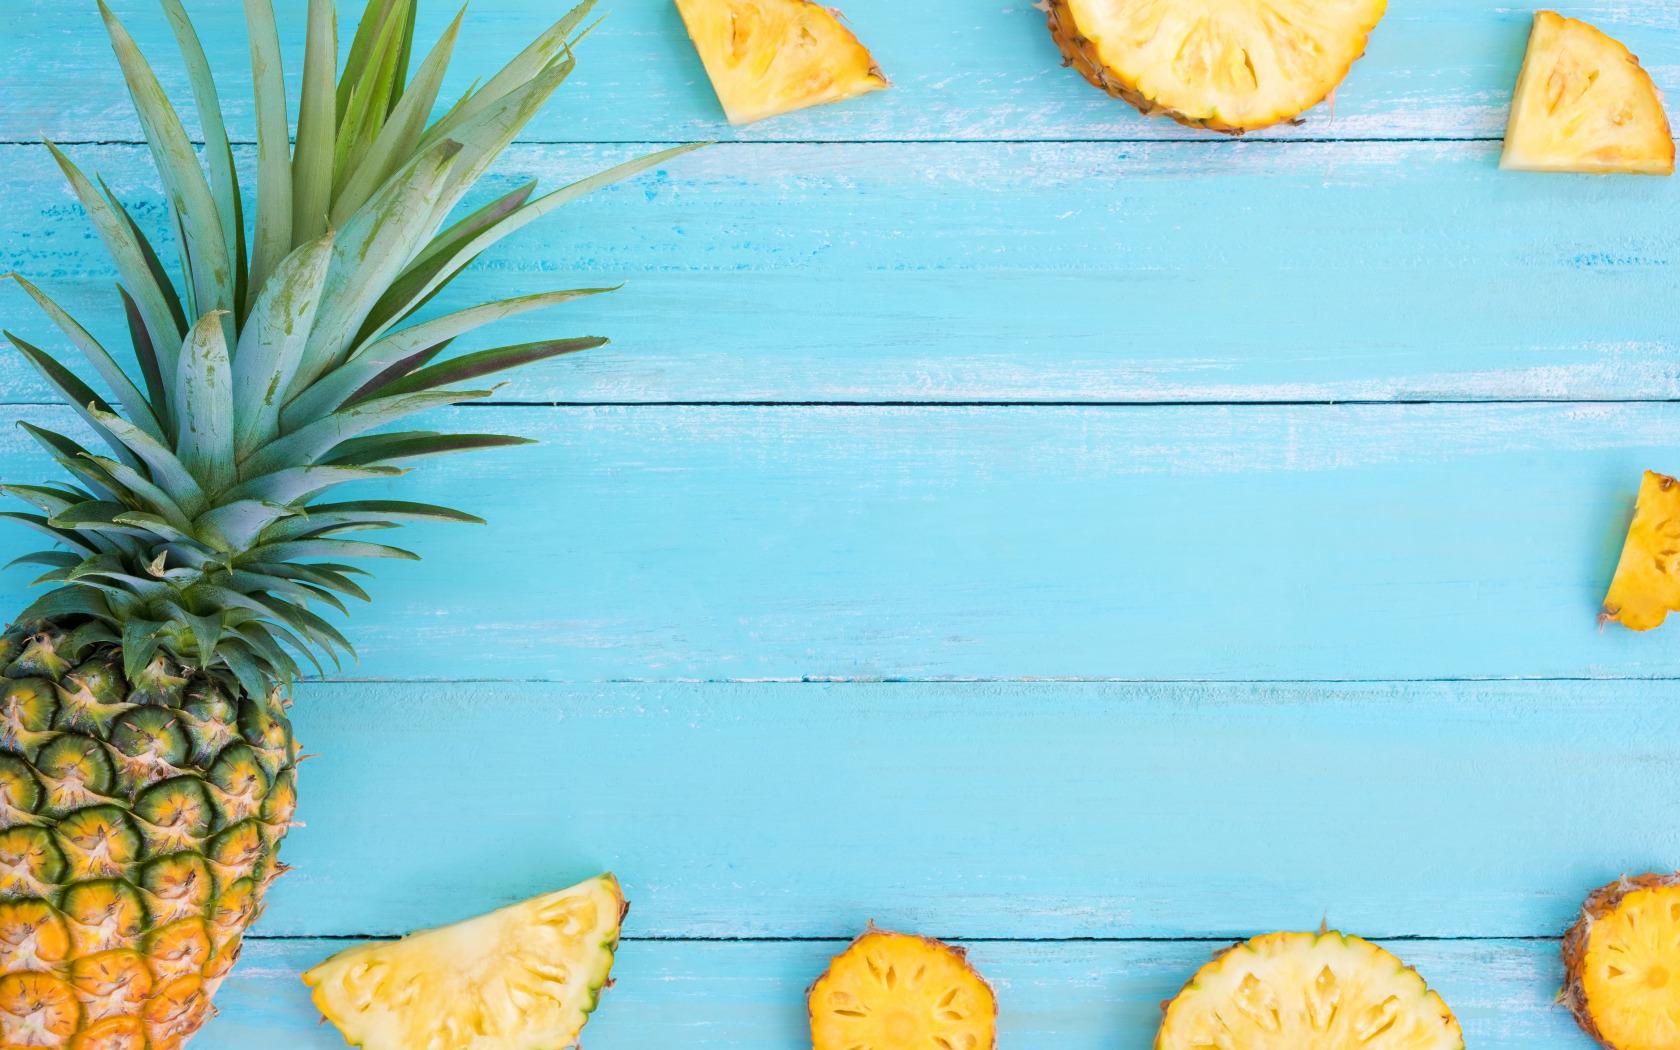 благодарим ананасы фото для рабочего стола познакомиться существующими разновидностями